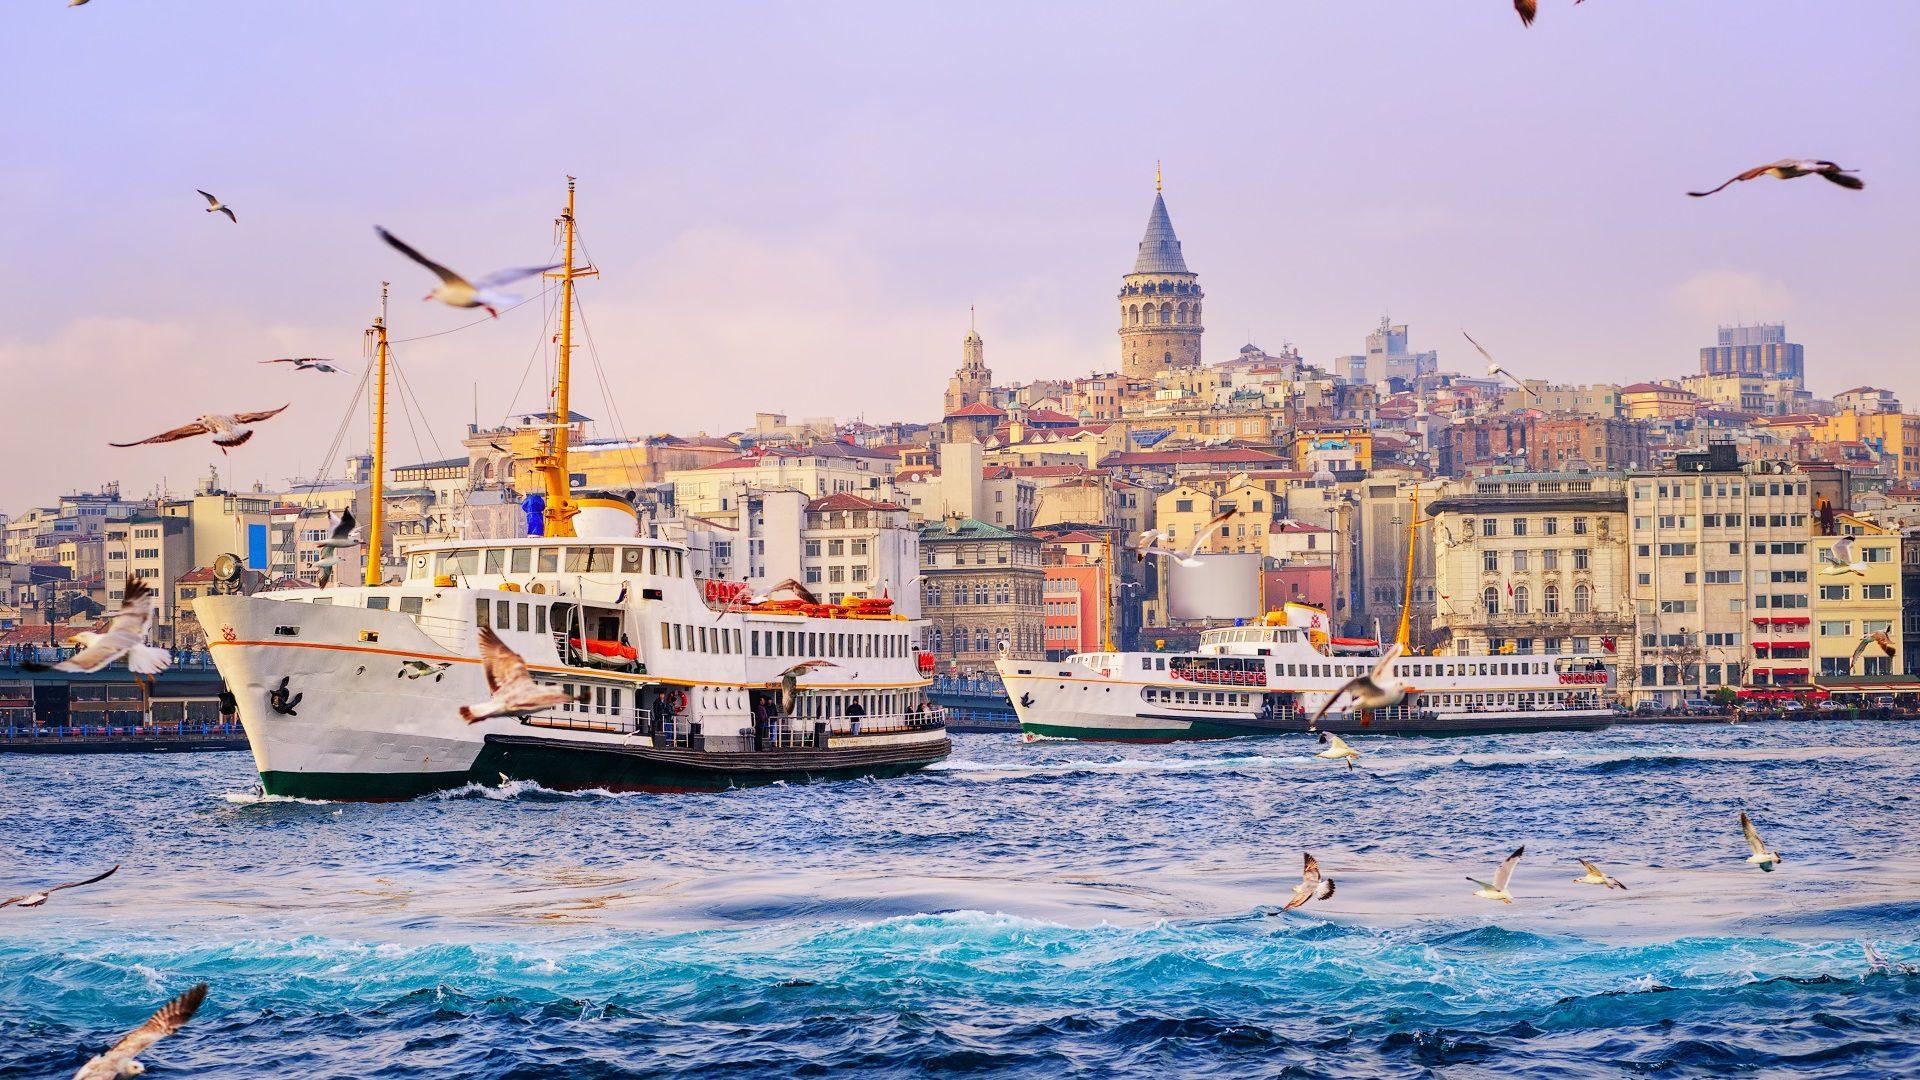 Nürnberg (NUE) – Istanbul (IST)